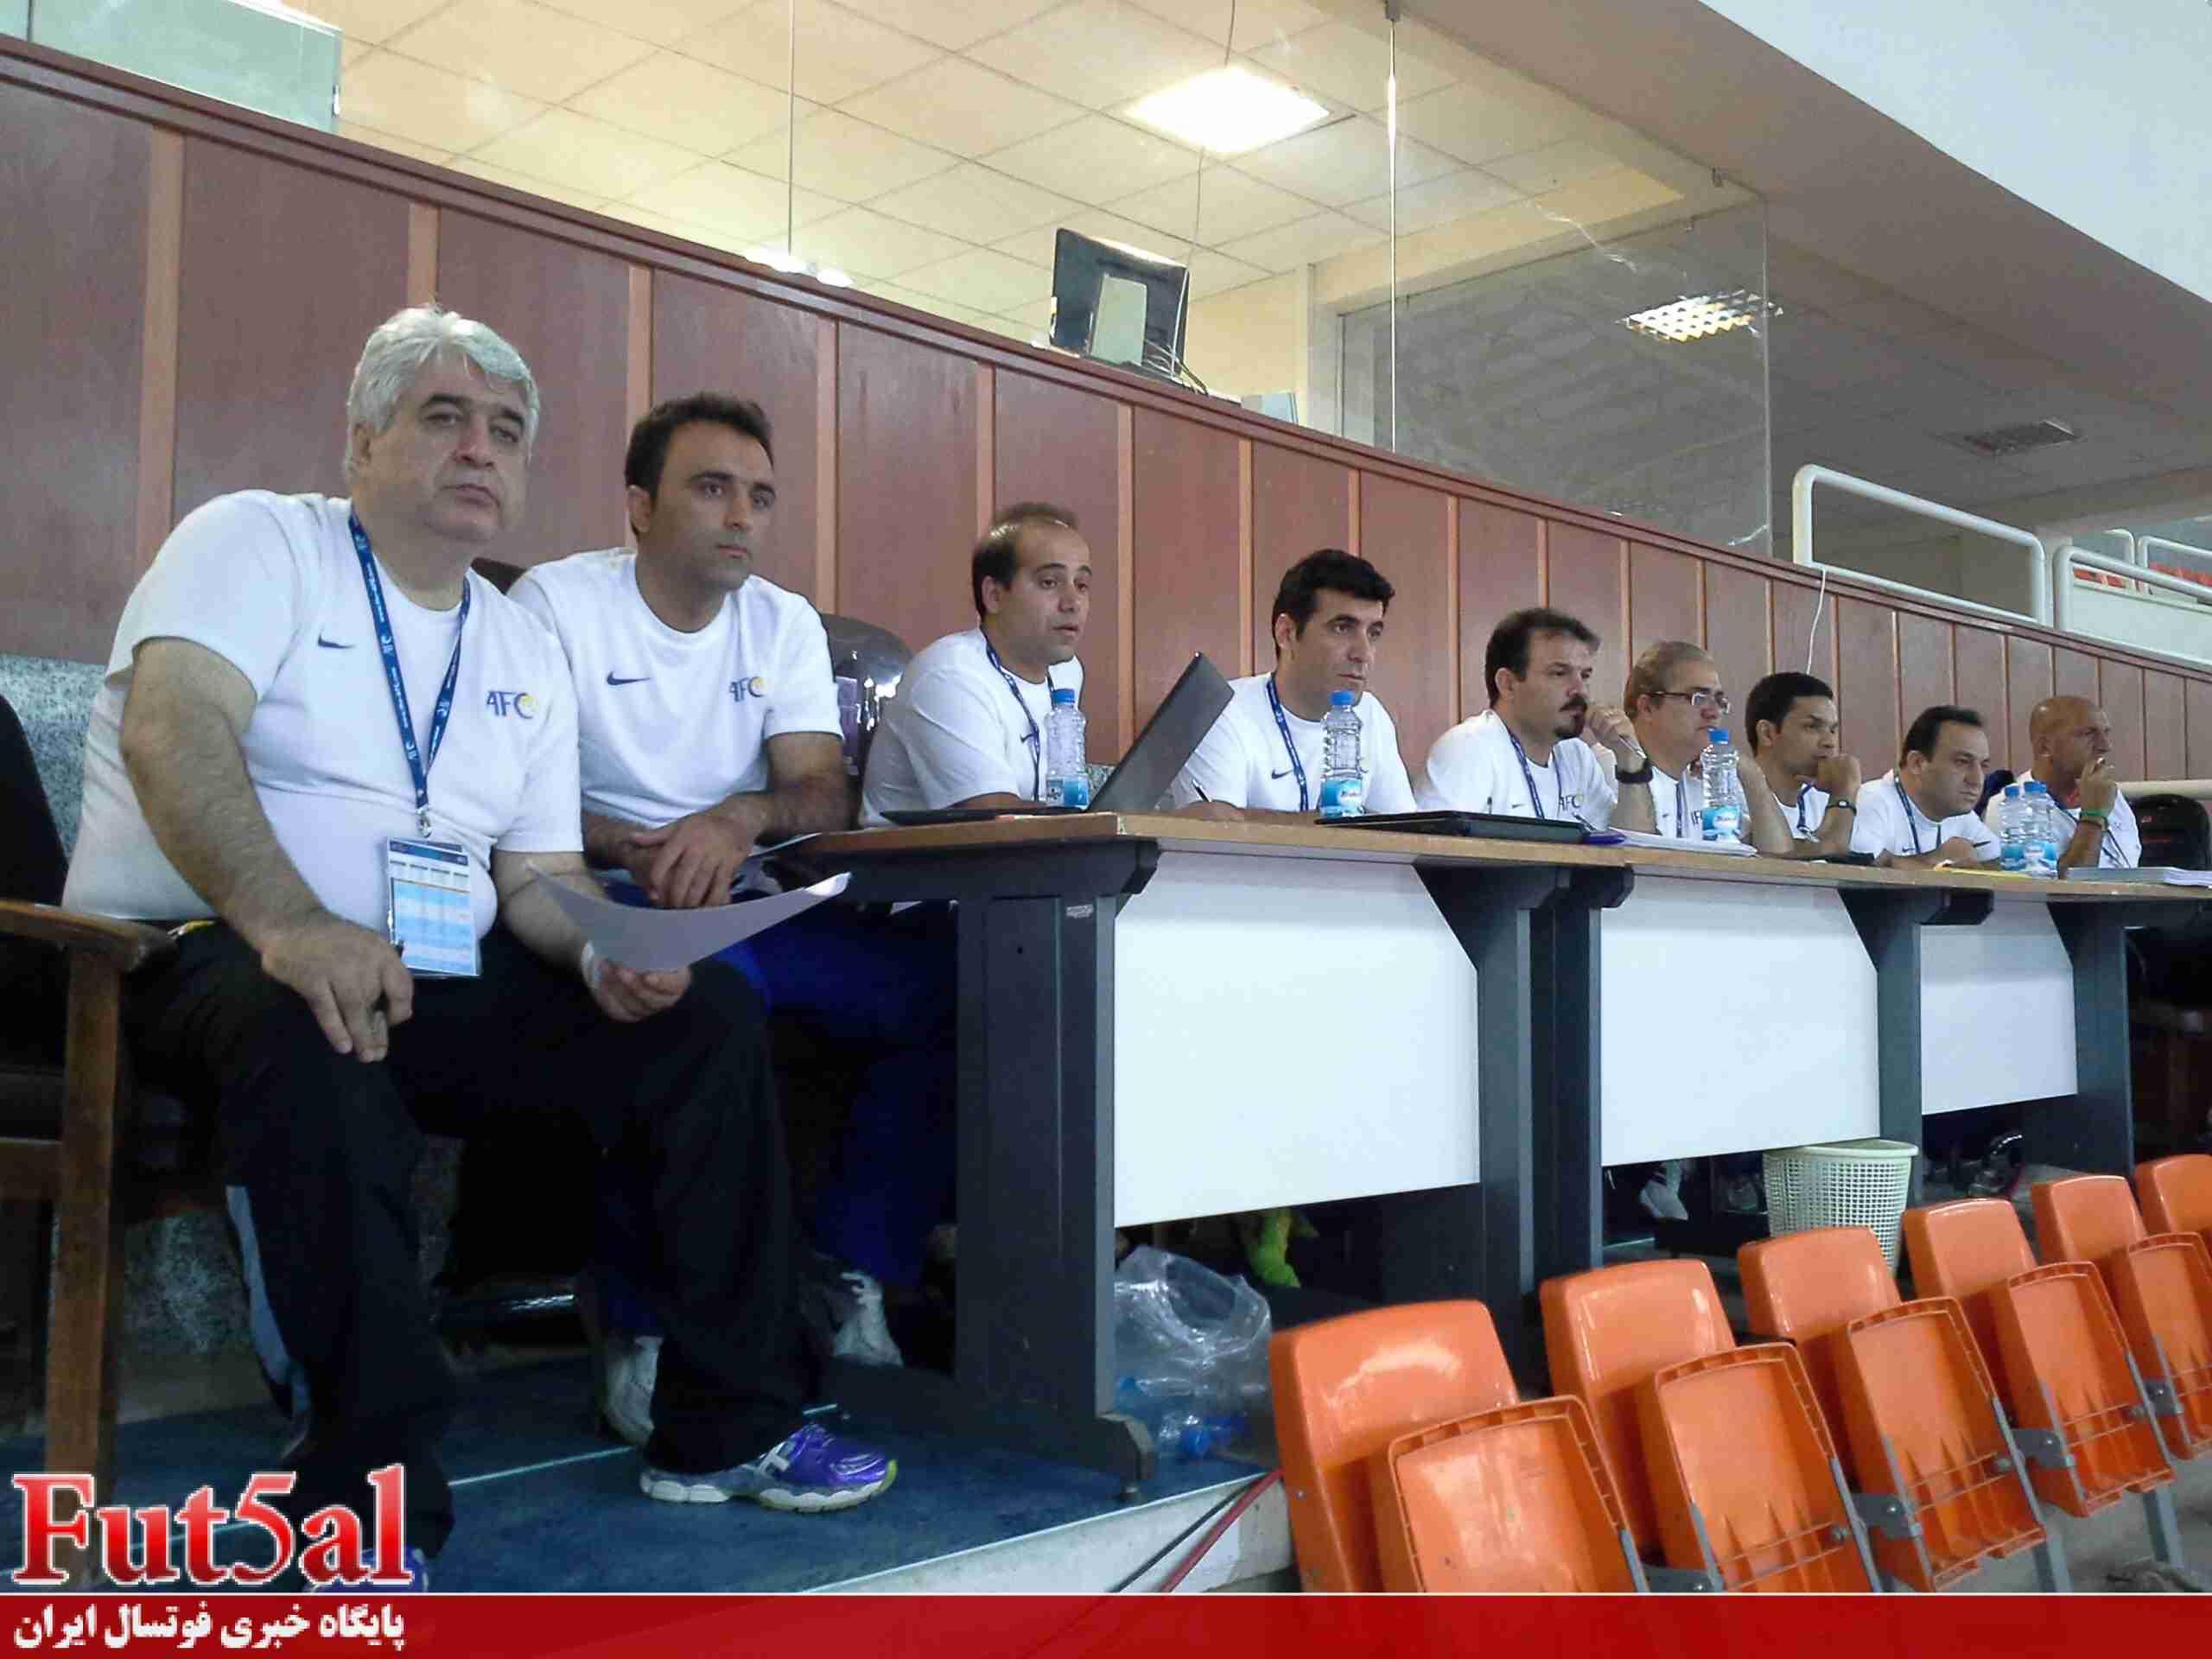 تاخیر ۸ دقیقه ای در شروع بازی/تنهایی افتخاری/کمک ۶۰۰ هزار دلاری AFC به ایران